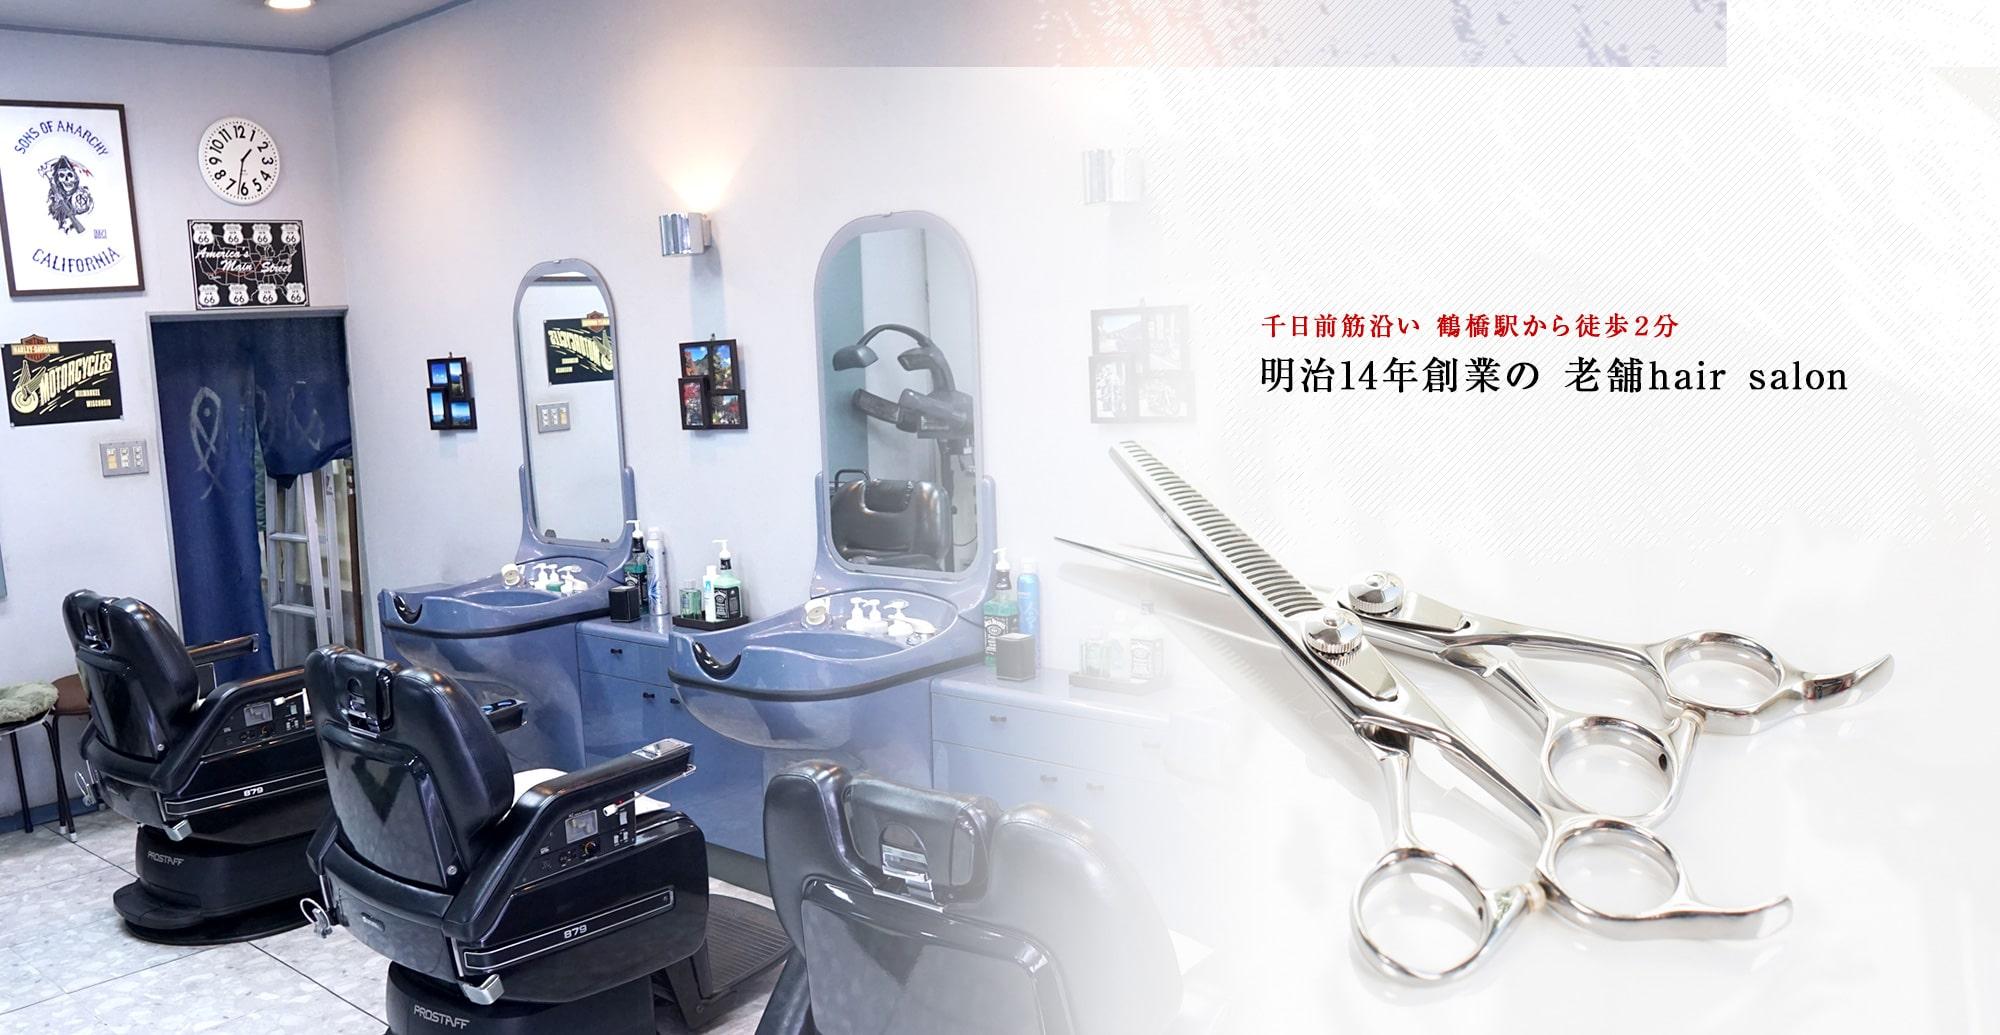 千日前筋沿い 鶴橋駅から徒歩2分 明治14年創業の老舗hair salon